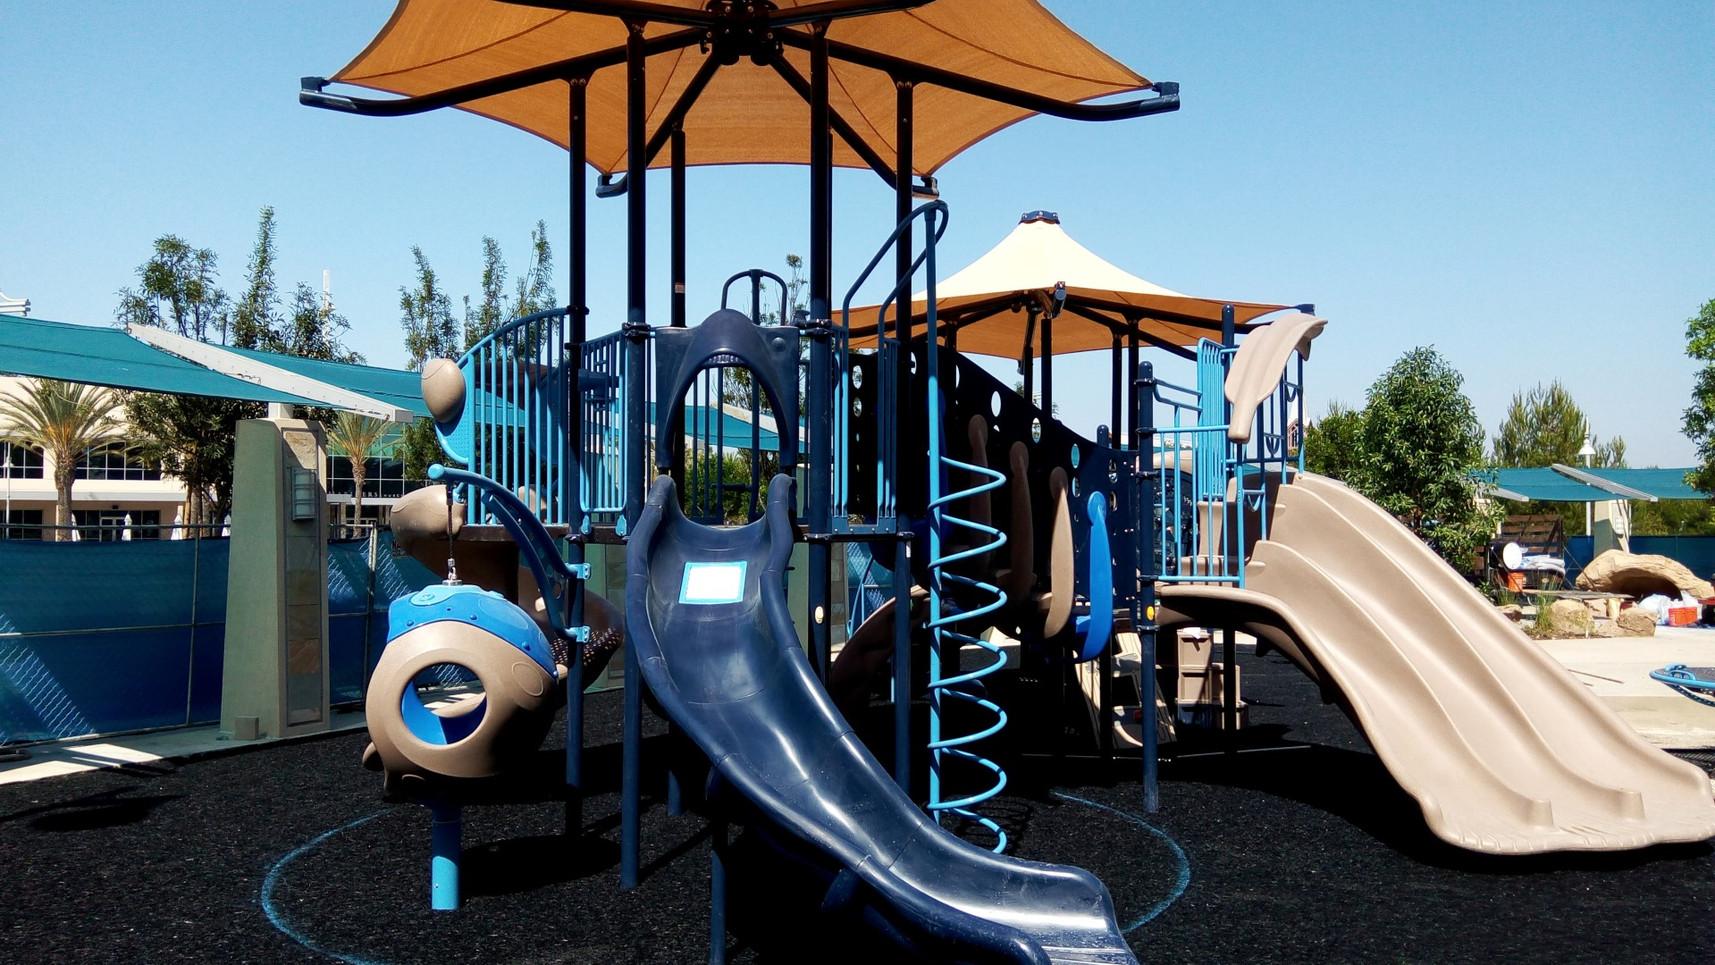 Mariners Church Playground